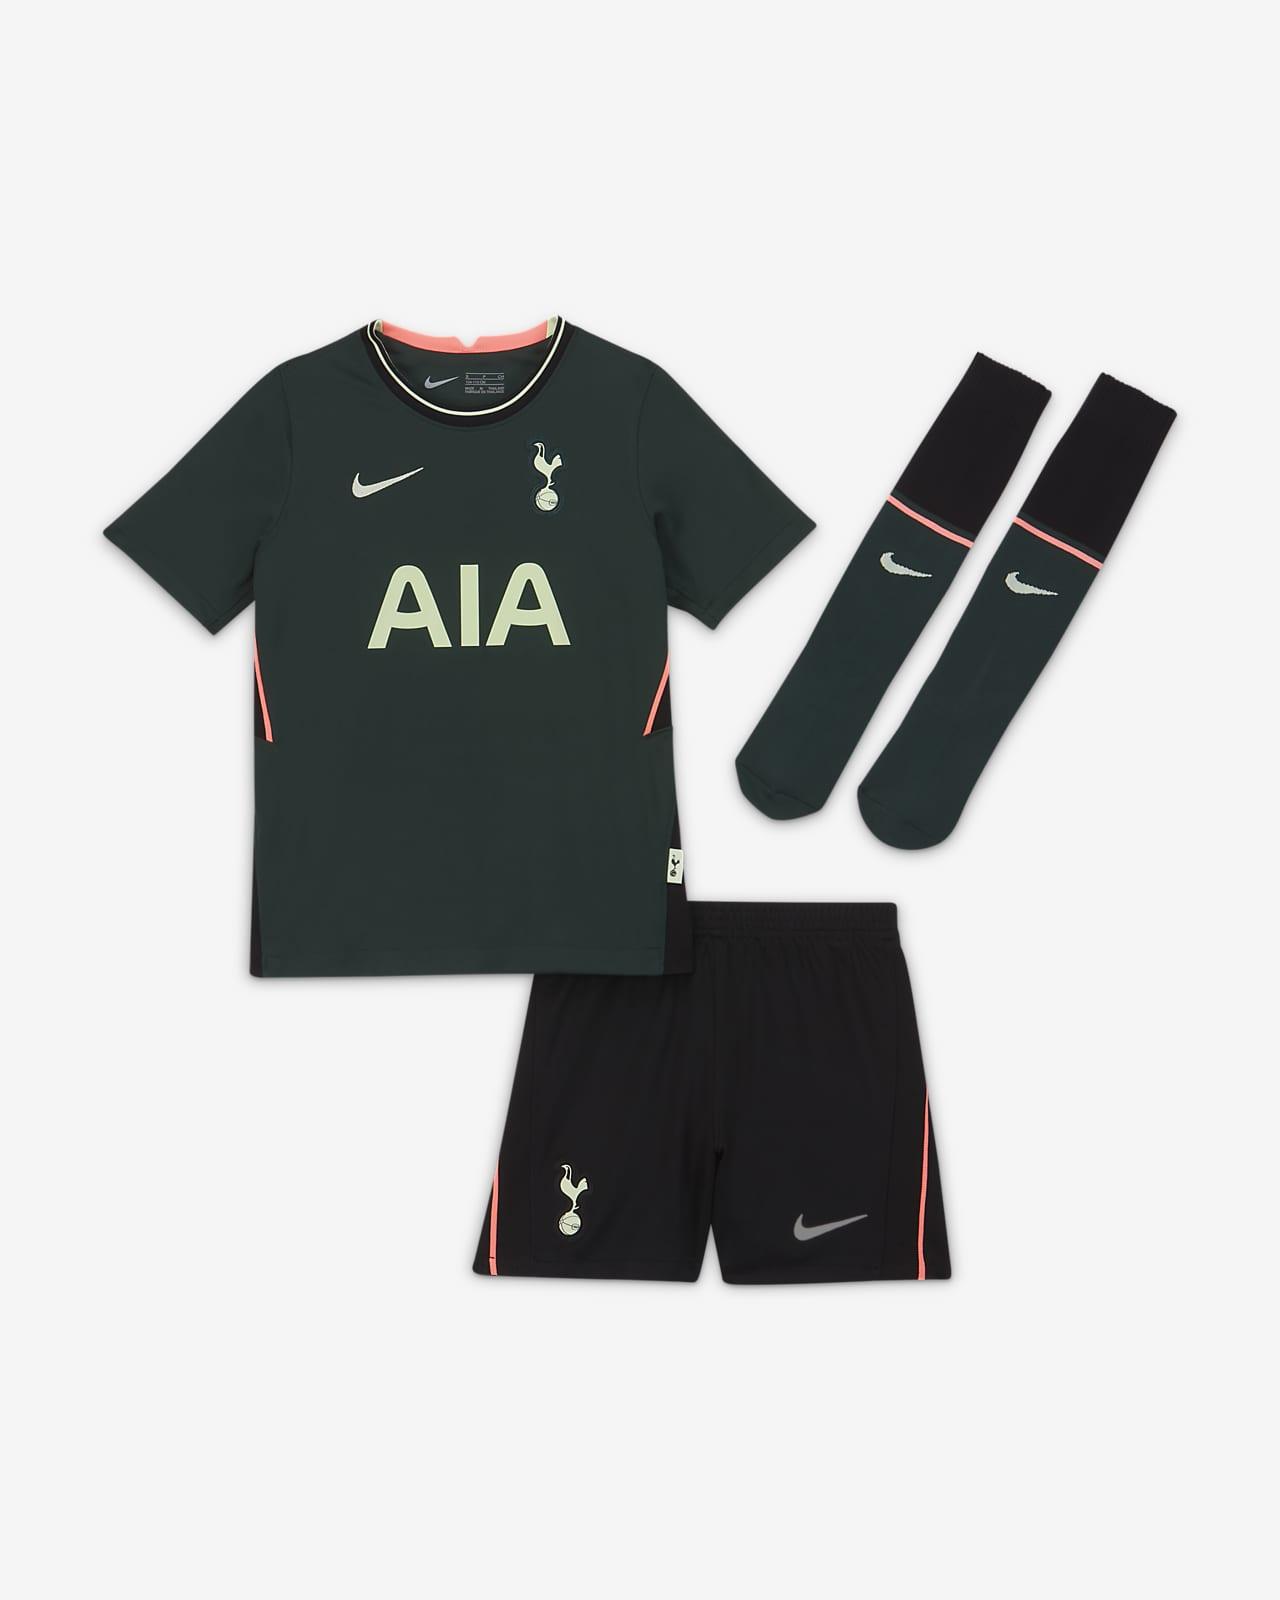 Tenue de football Tottenham Hotspur 2020/21 Extérieur pour Enfant